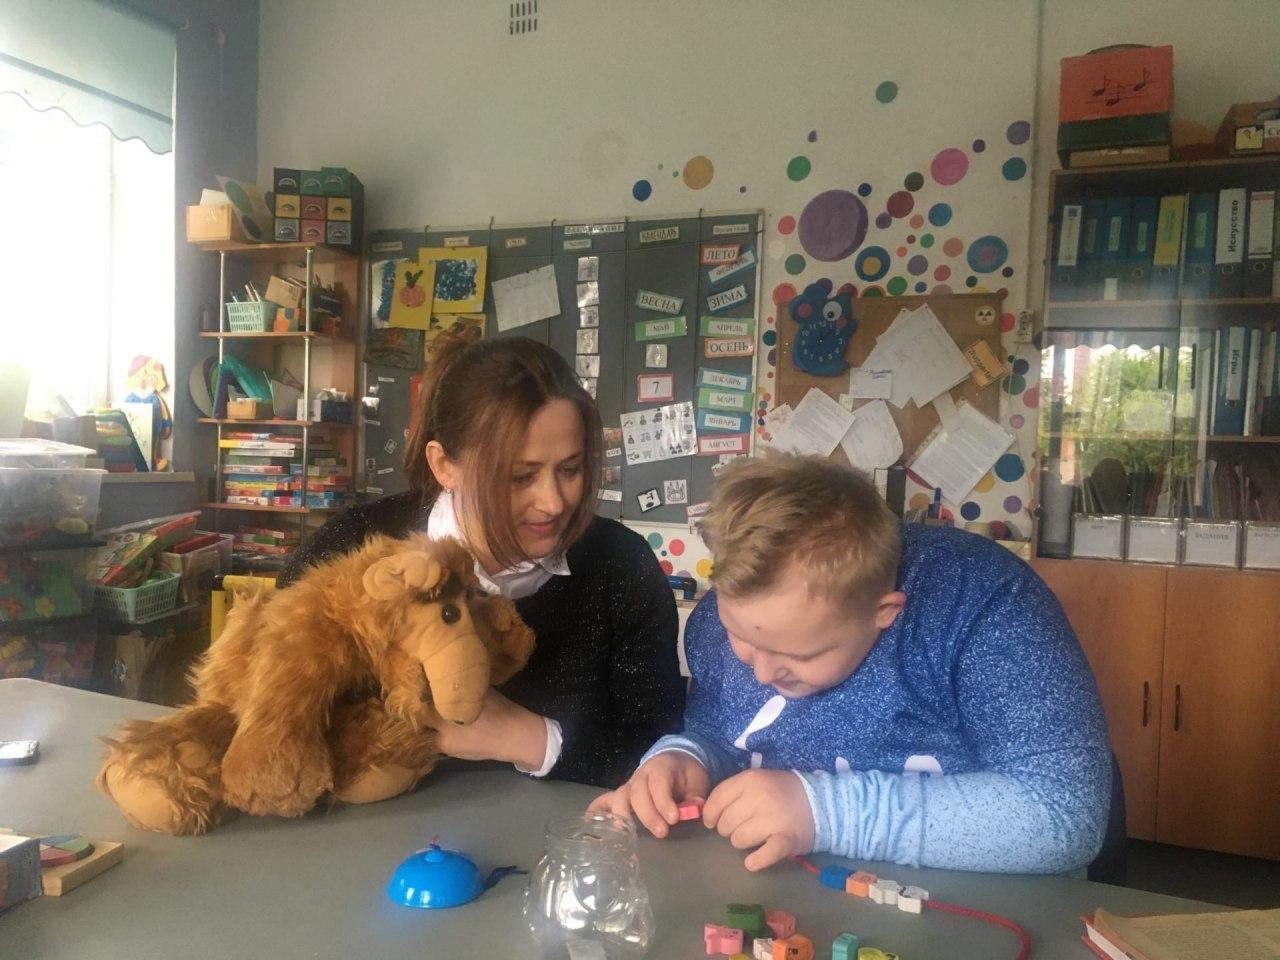 После долгого перерыва, в нашем Социально-реабилитационном центре «Радимичи», наконец-то начались занятия с детьми, имеющими ограниченные возможности